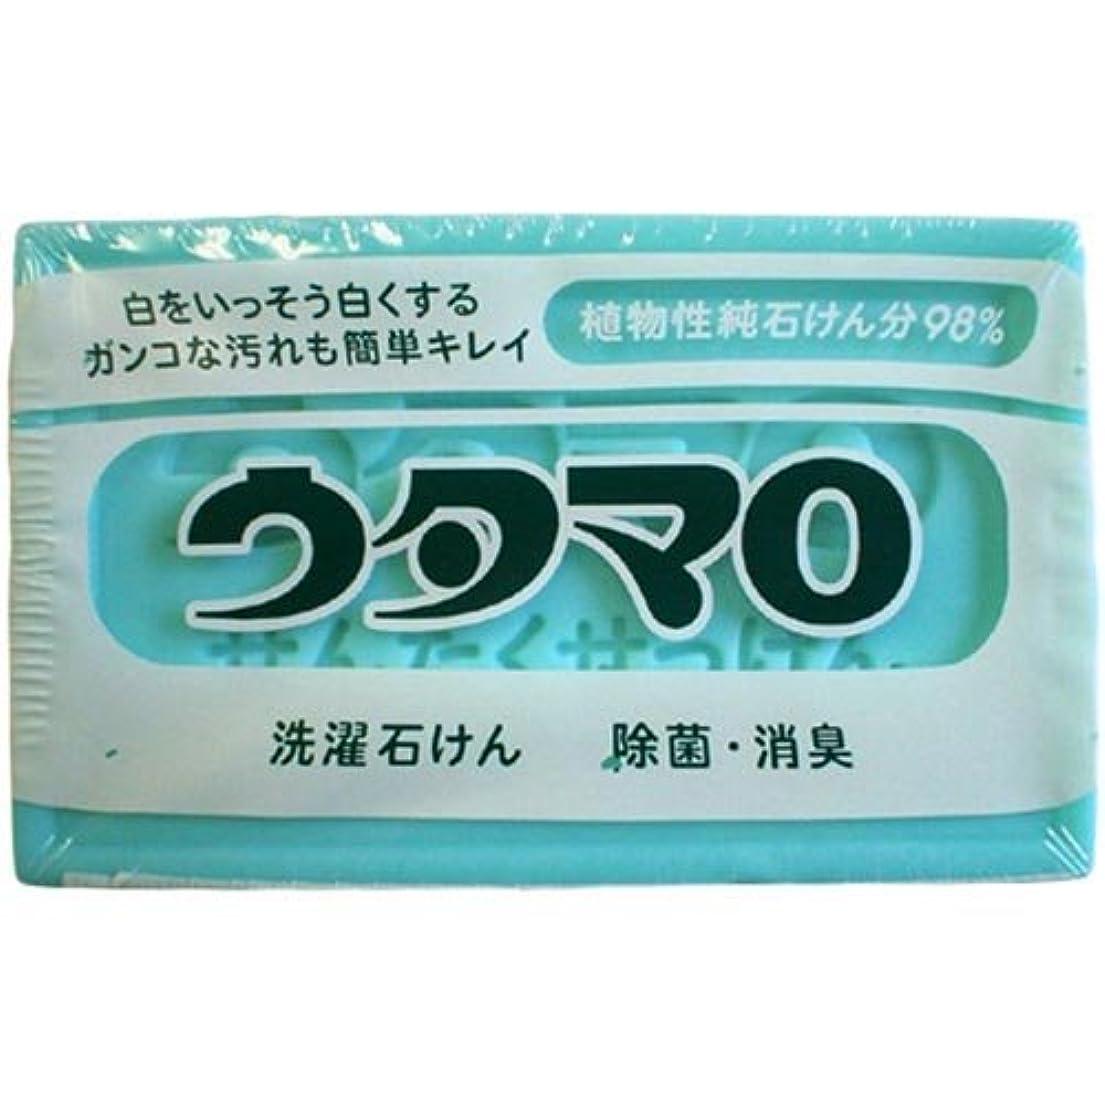 数学者運動セットする東邦 ウタマロ マホー石鹸 3個セット TO-SE3